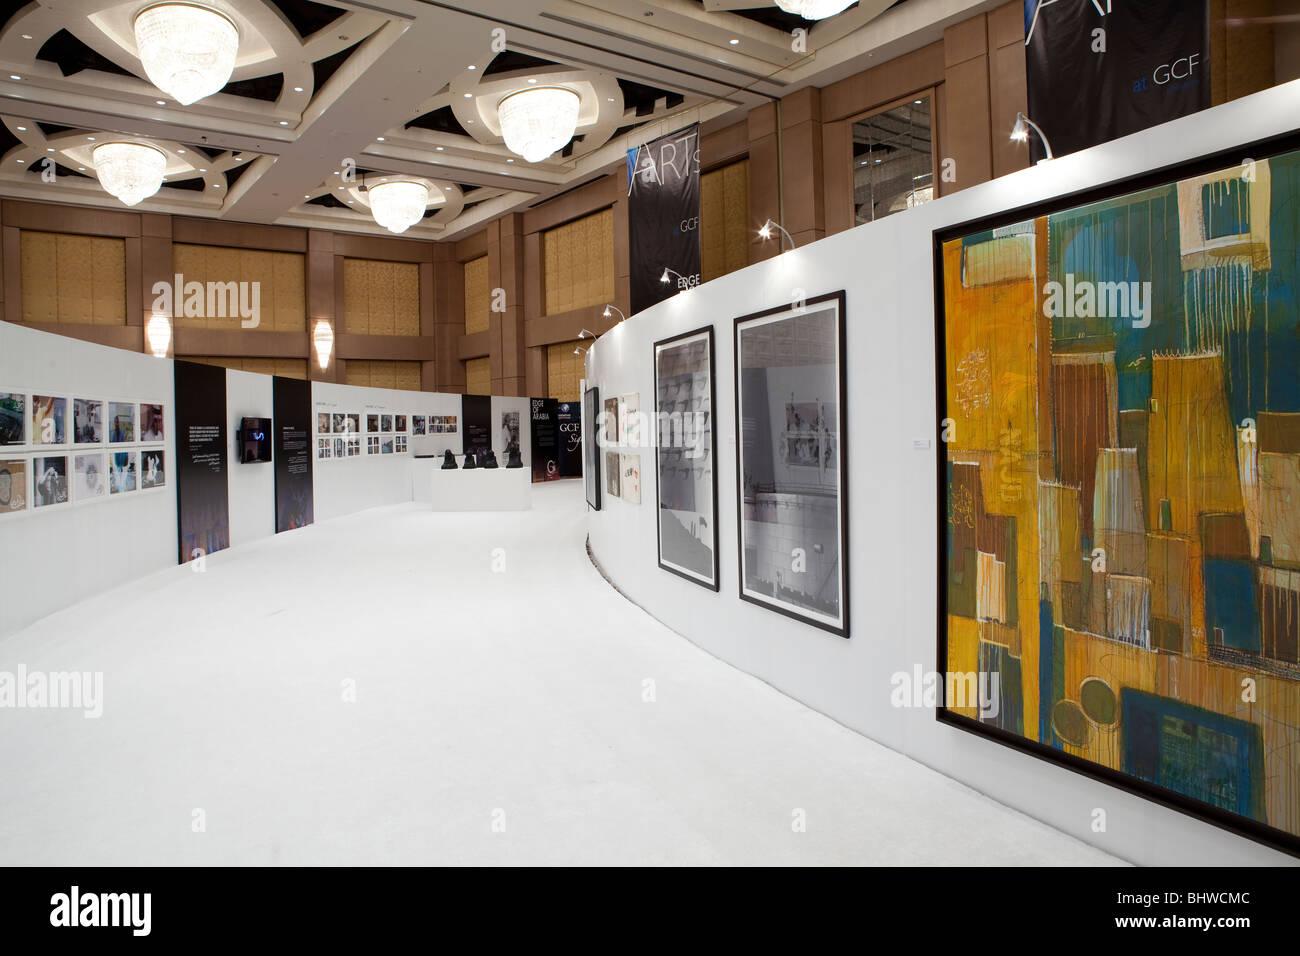 Galería de Arte torre del Reino de Arabia Saudita Riad Imagen De Stock